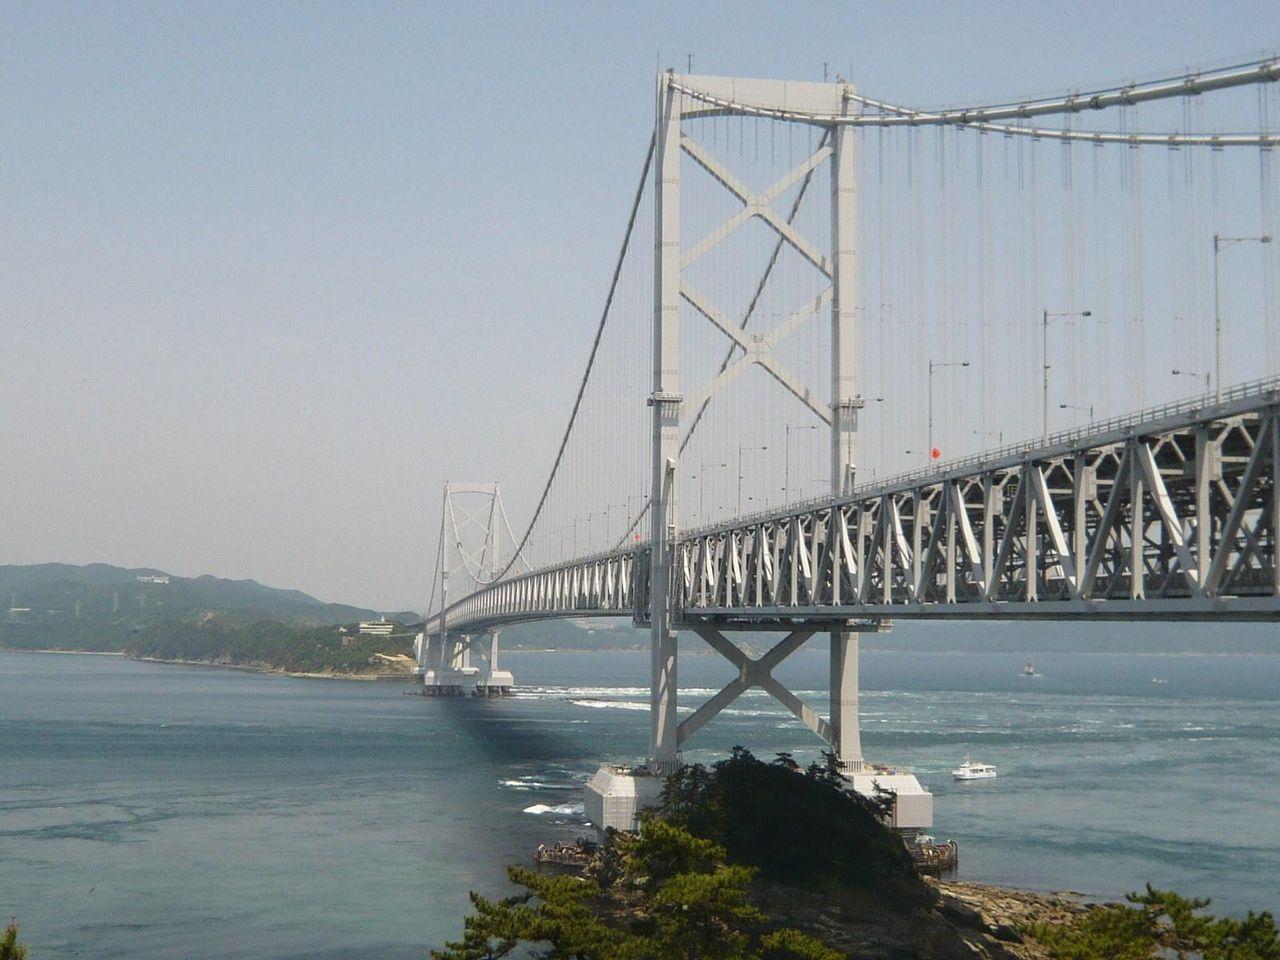 窓から見える大鳴門橋と鳴門海峡は、まさに絶景です!